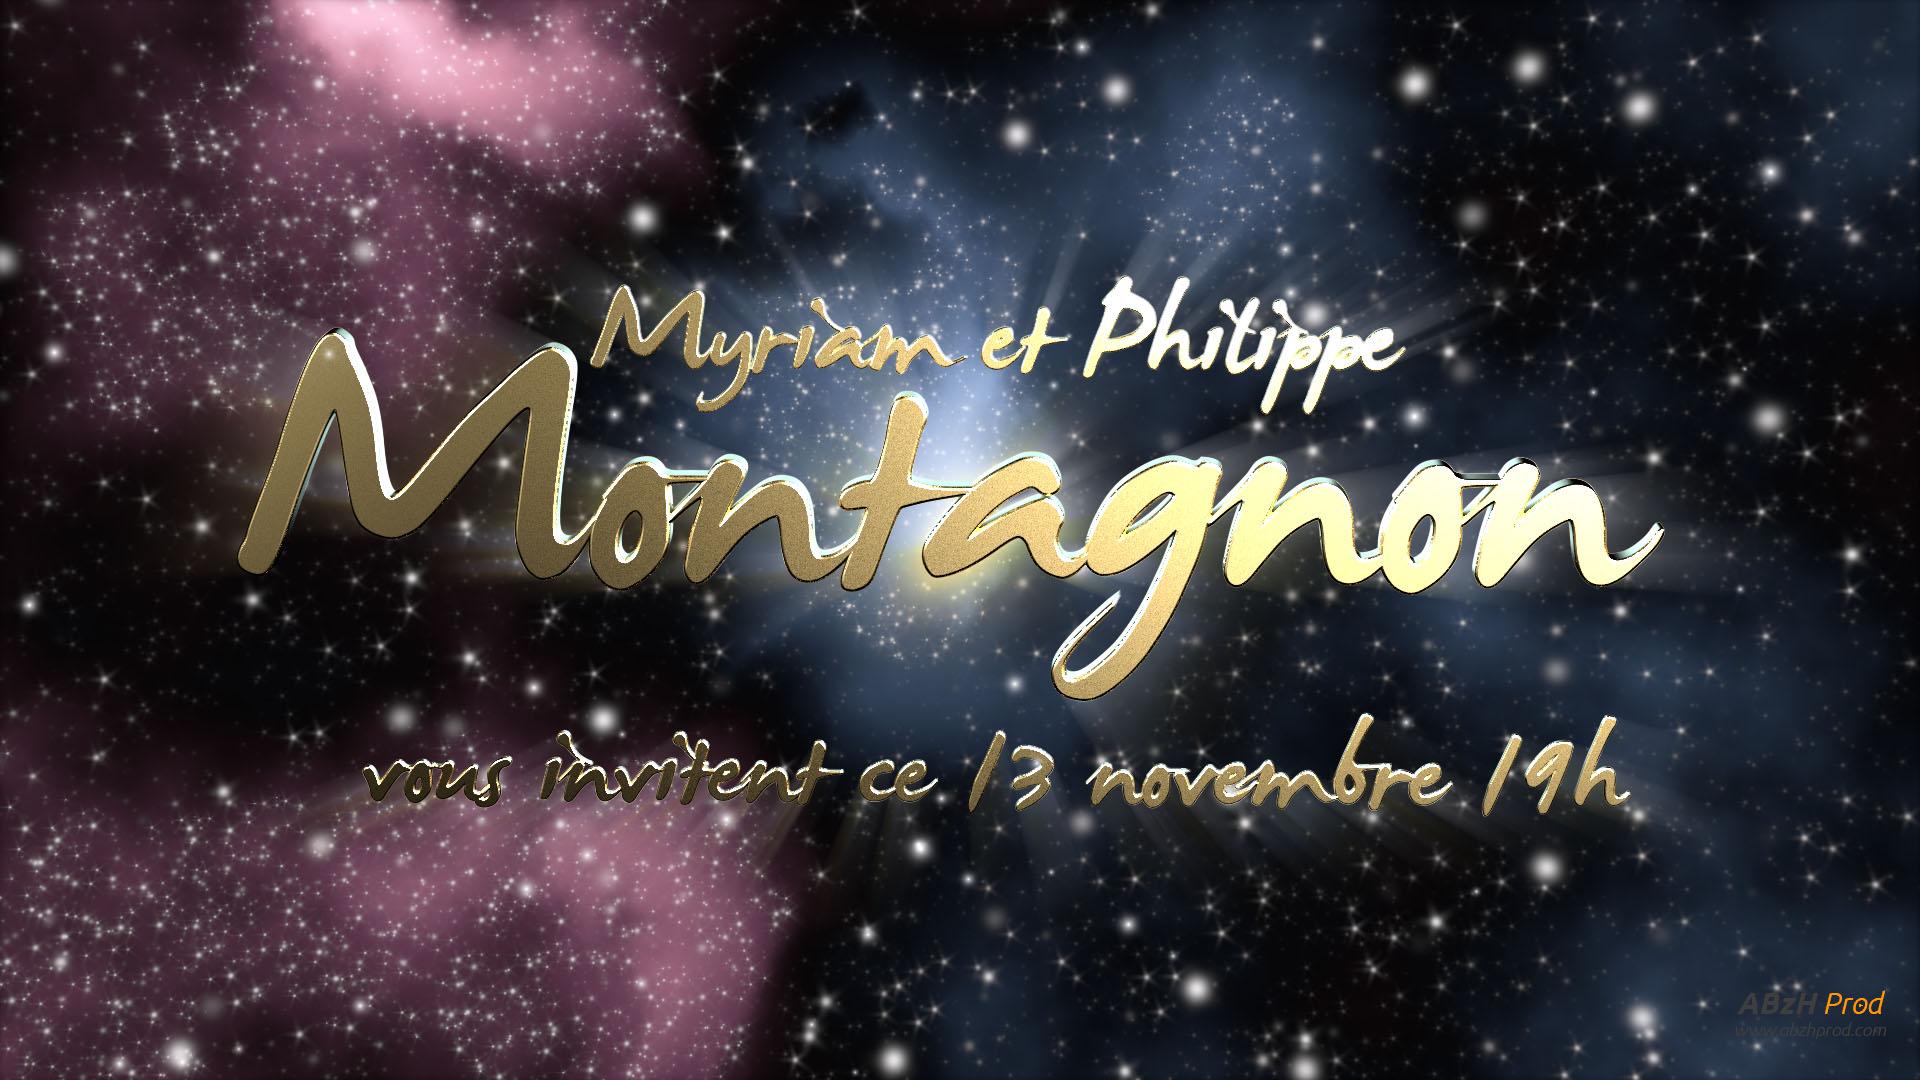 Philippe Montagnon prépare un événement exceptionnel le vendredi 13 novembre 2015 à partir de 19h devant la bijouterie au 190 cours Victor Hugo, Salon de Provence